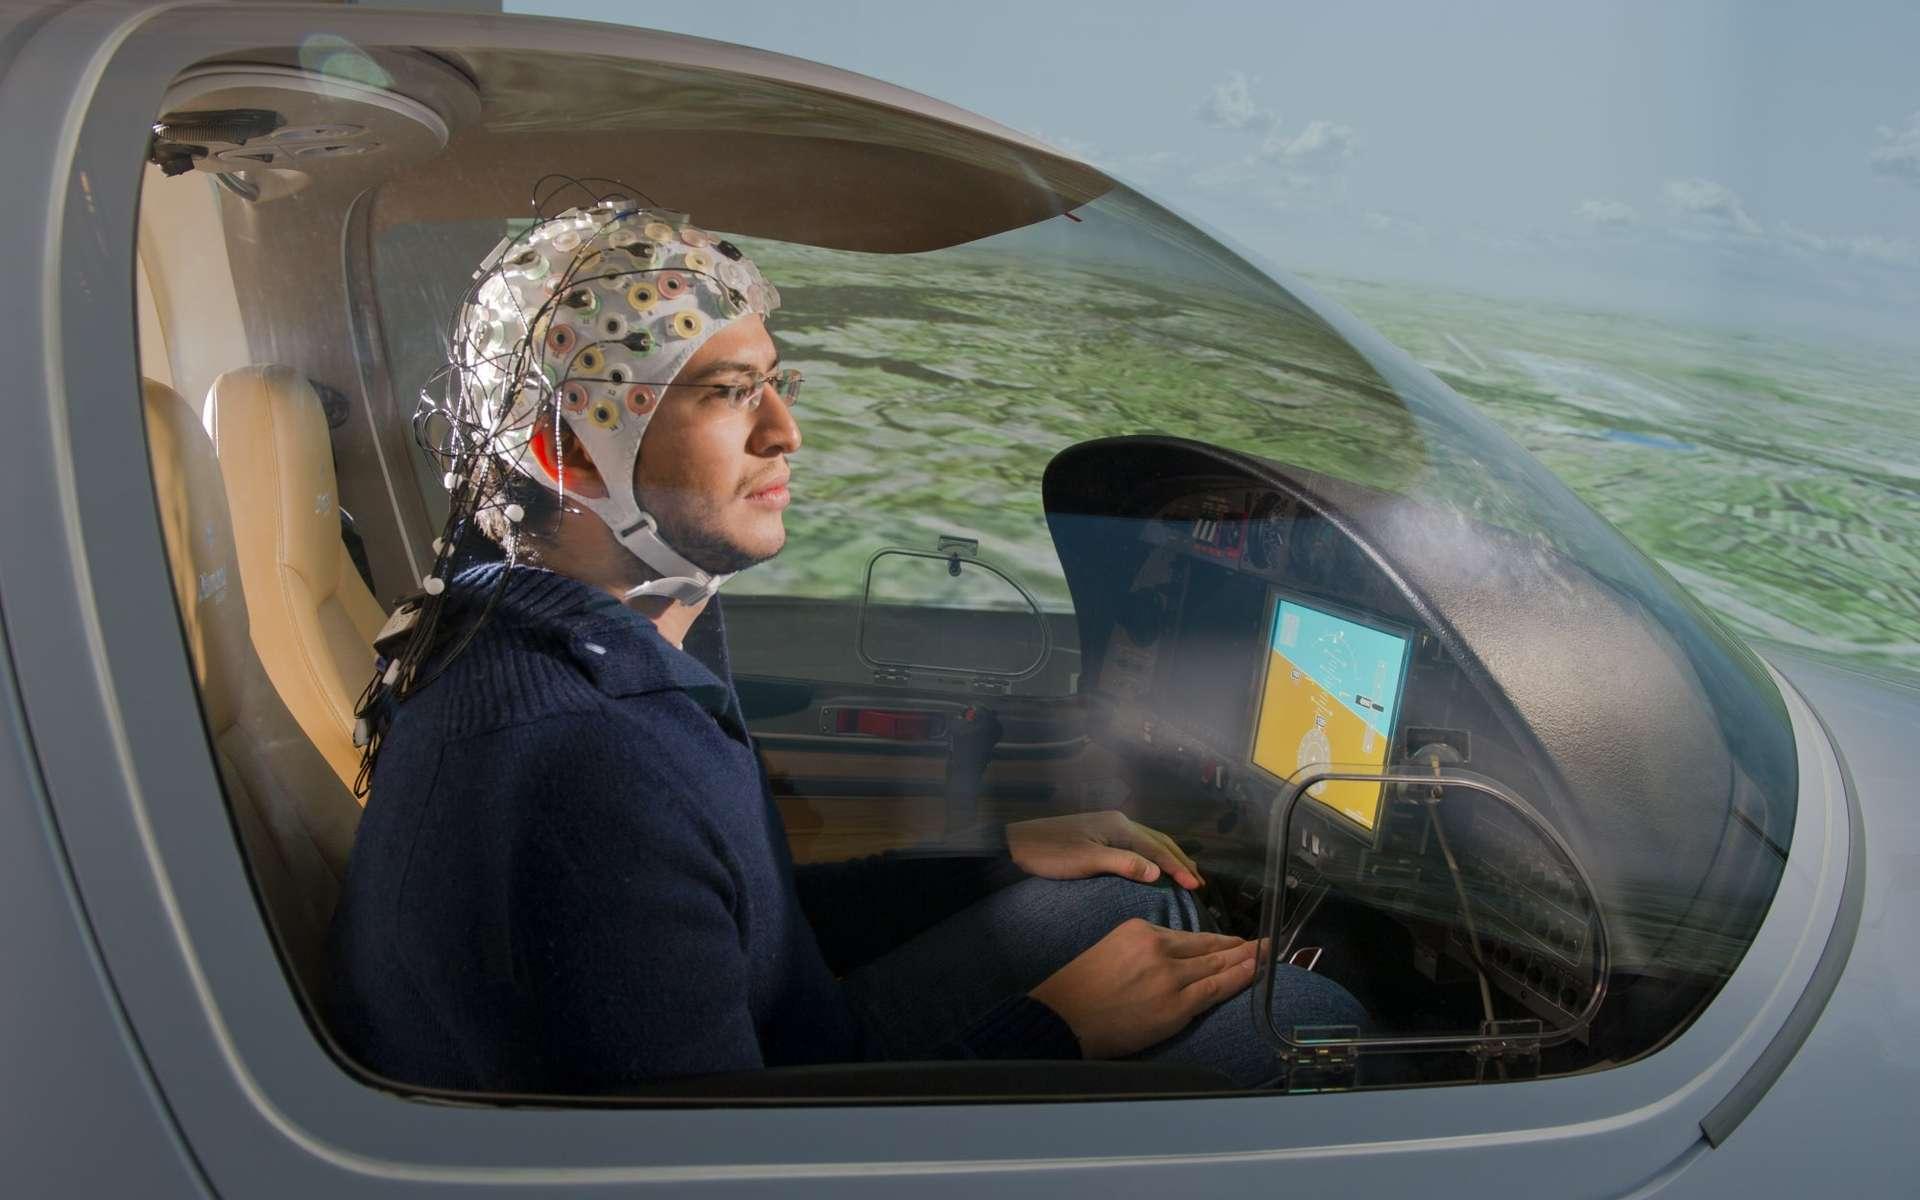 L'étonnant projet européen Brain Flight étudie une interface permettant de piloter un avion par la pensée. Des essais menés sur un simulateur de vol sont prometteurs, même si la réalisation concrète reste lointaine. © A. Heddergott/TU München